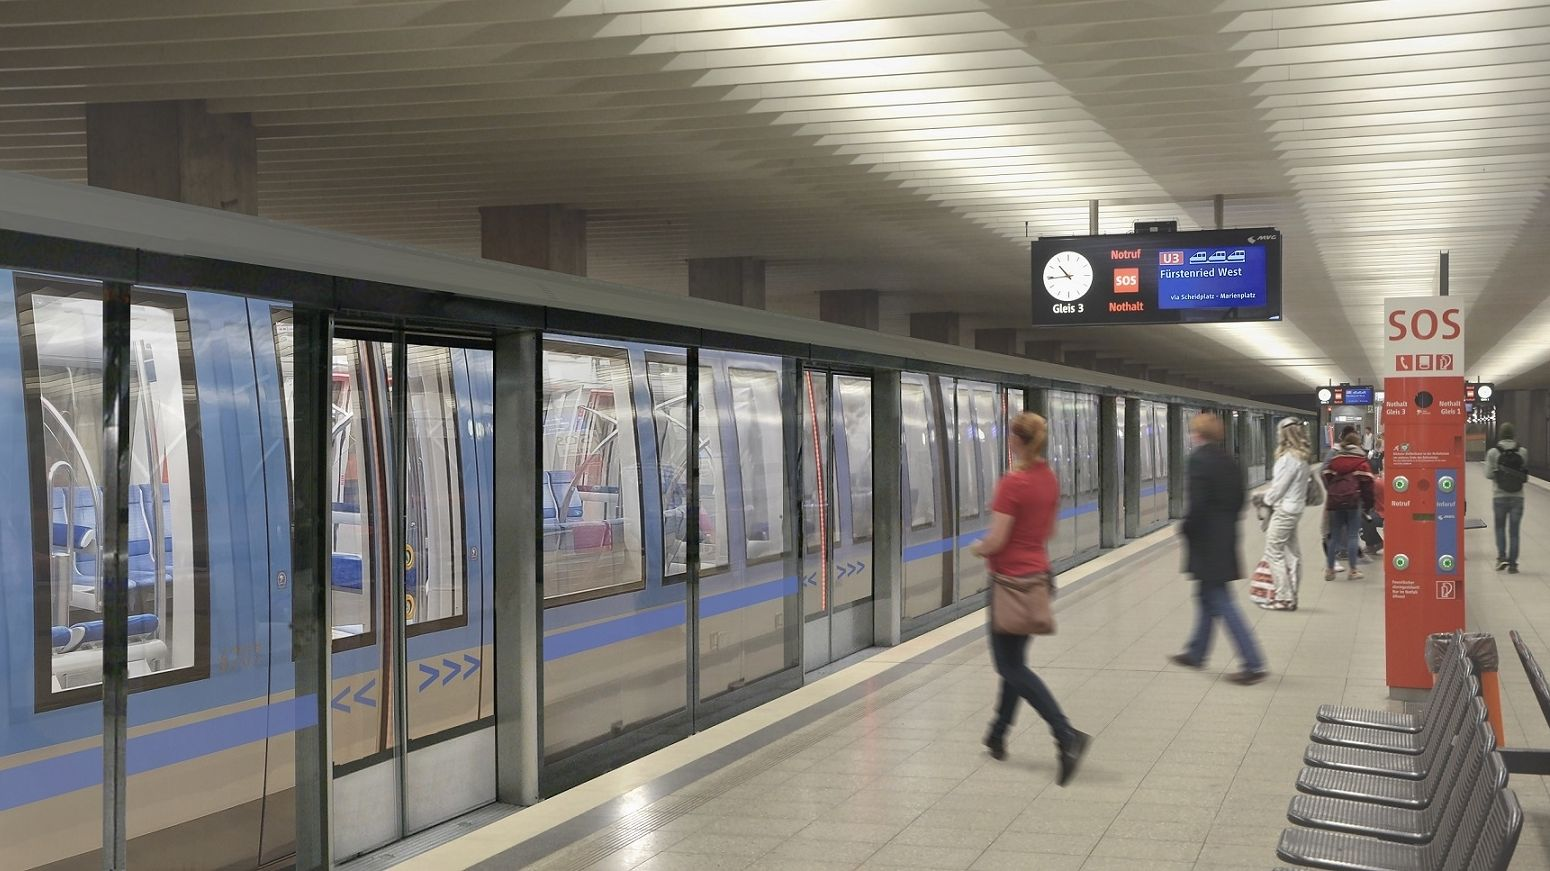 Das von der Münchner Verkehrsgesellschaft zur Verfügung gestellte und am Computer bearbeitete Bild zeigt automatische Bahnsteigtüren am Bahnsteig.